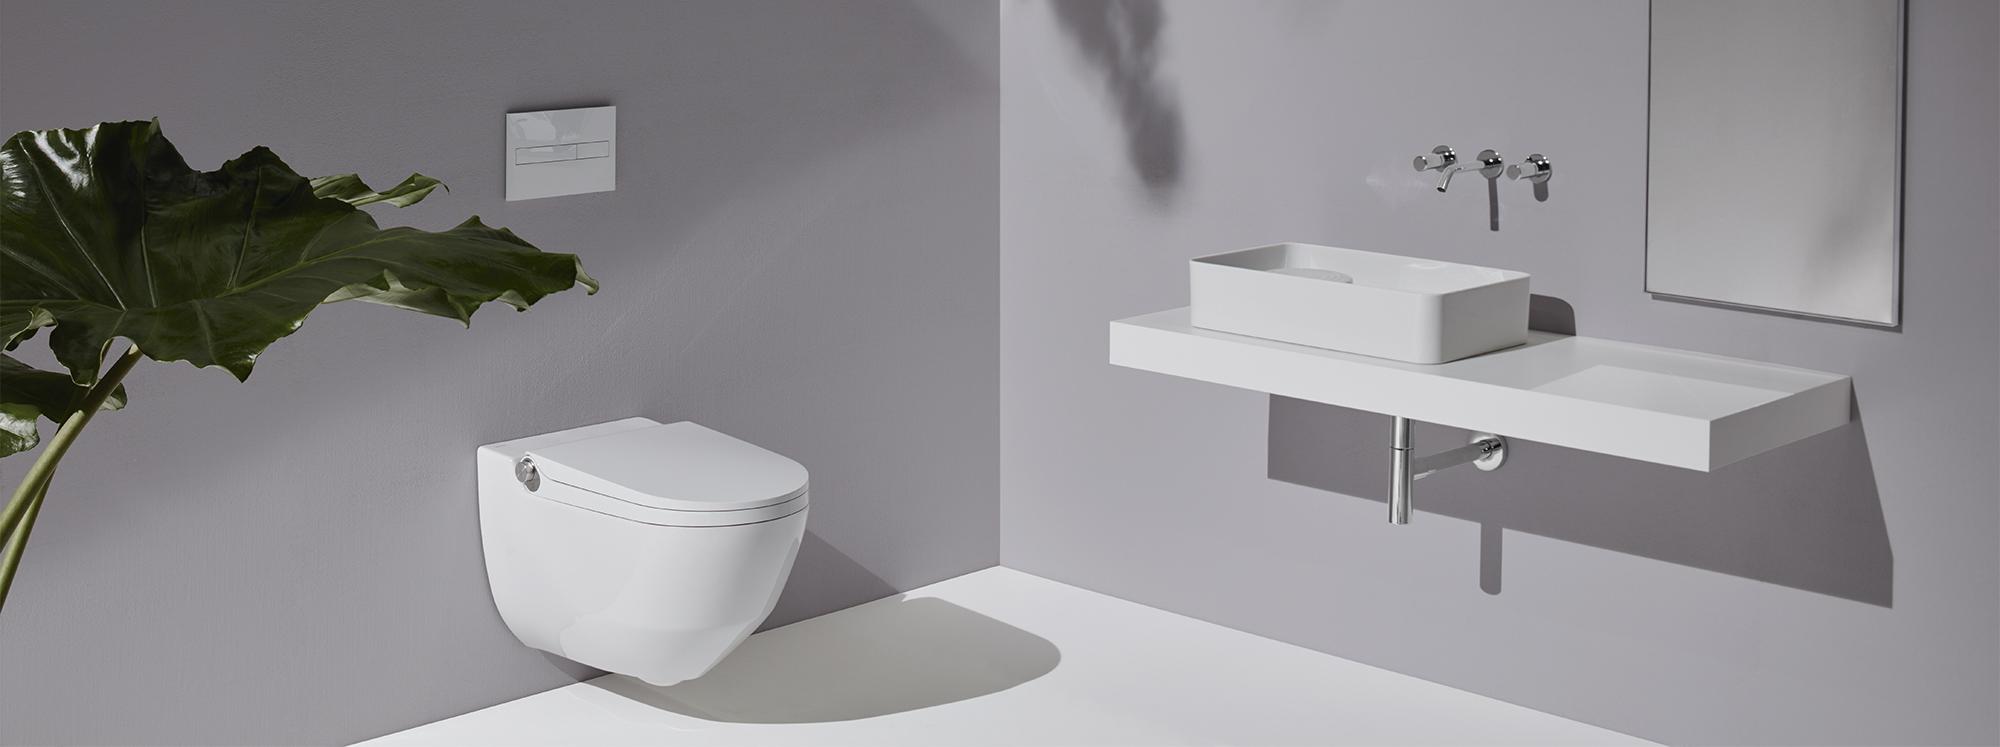 Full Size of Dusch Wc Test Toto 2019 2017 Aufsatz Testsieger Schweiz 2018 Testberichte Esslingen Cleanet Riva Laufen Bathrooms Dusche Mischbatterie Moderne Duschen Dusche Dusch Wc Test